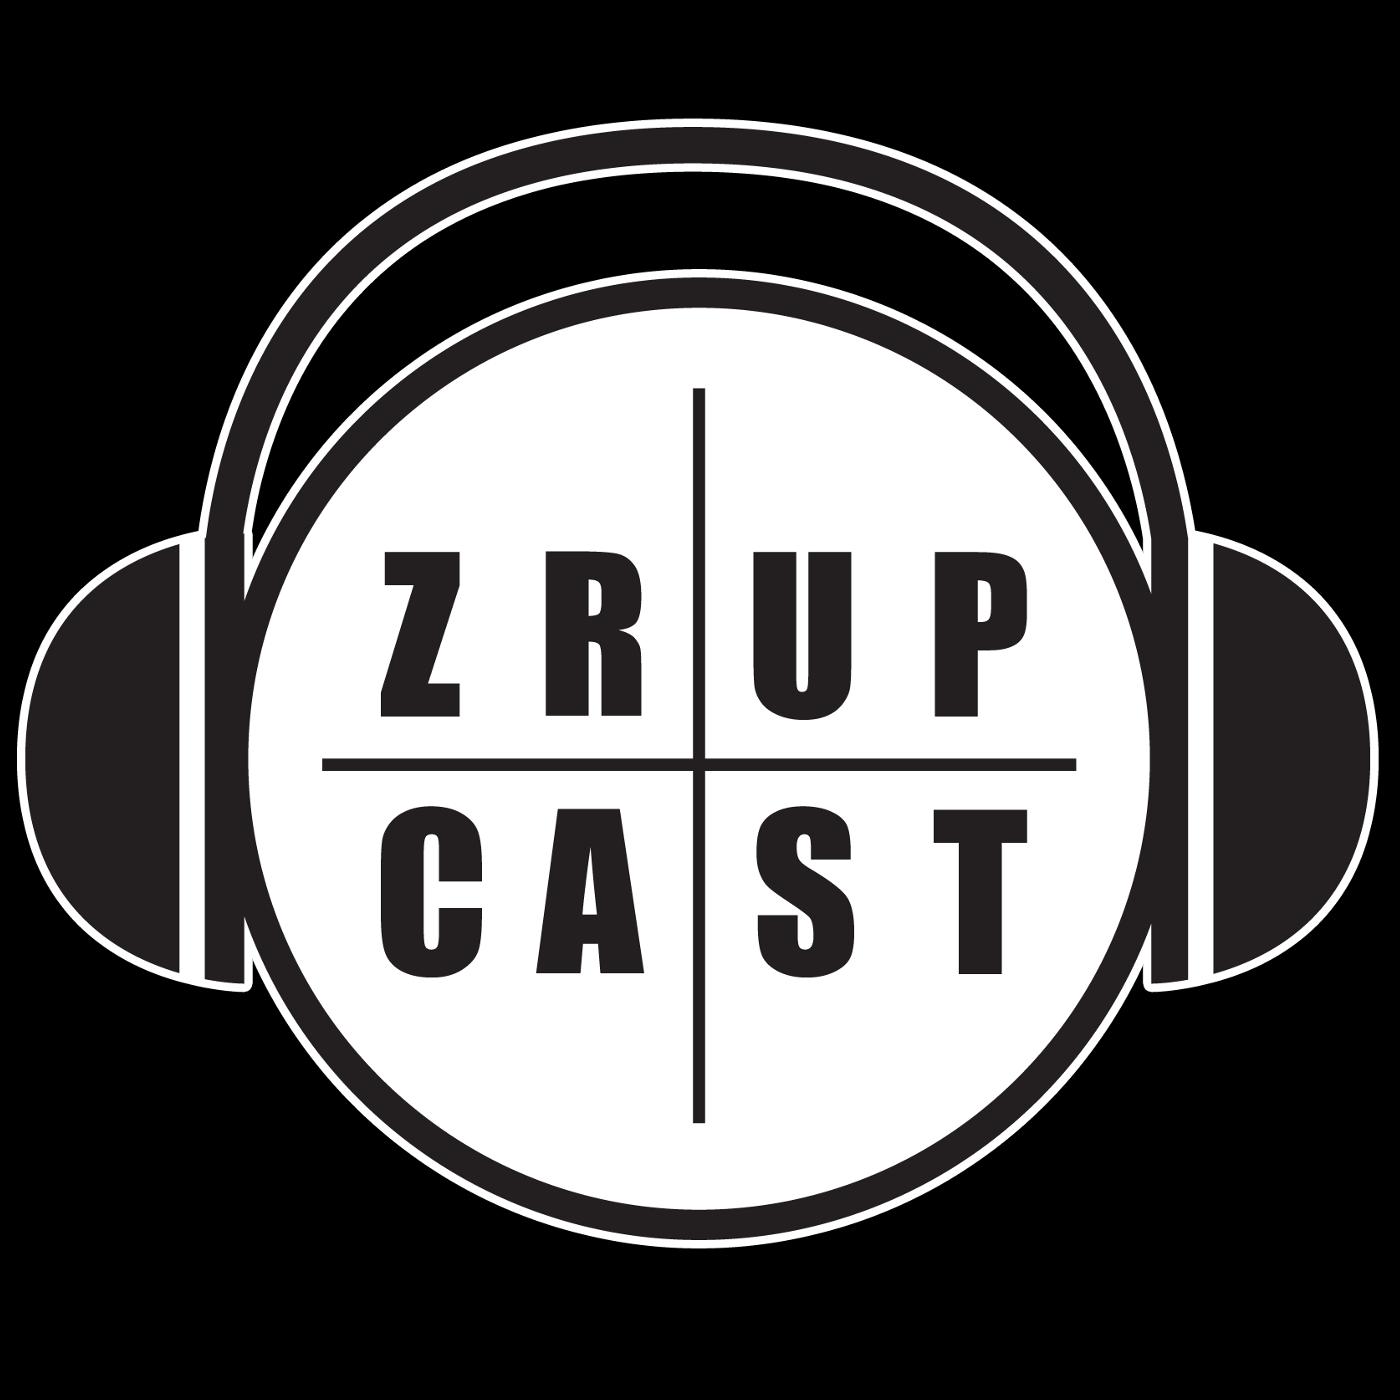 Przez interesy w Afryce ścigał mnie Interpol | Marek Zmysłowski | ZRUPcast #39